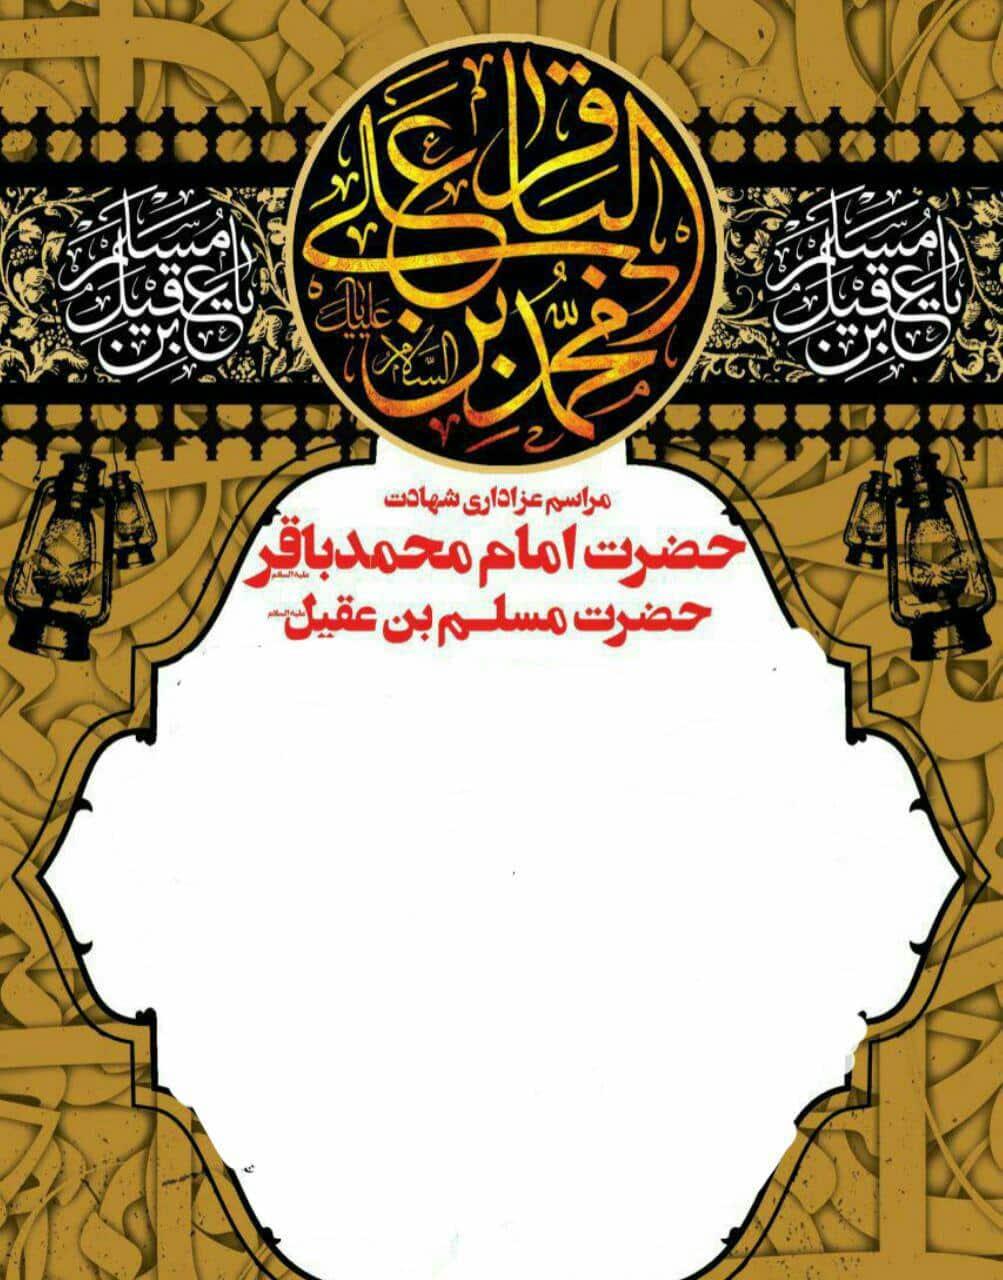 photo 2018 08 17 16 25 09 - تراکت خام شهادت امام محمد باقر(ع)